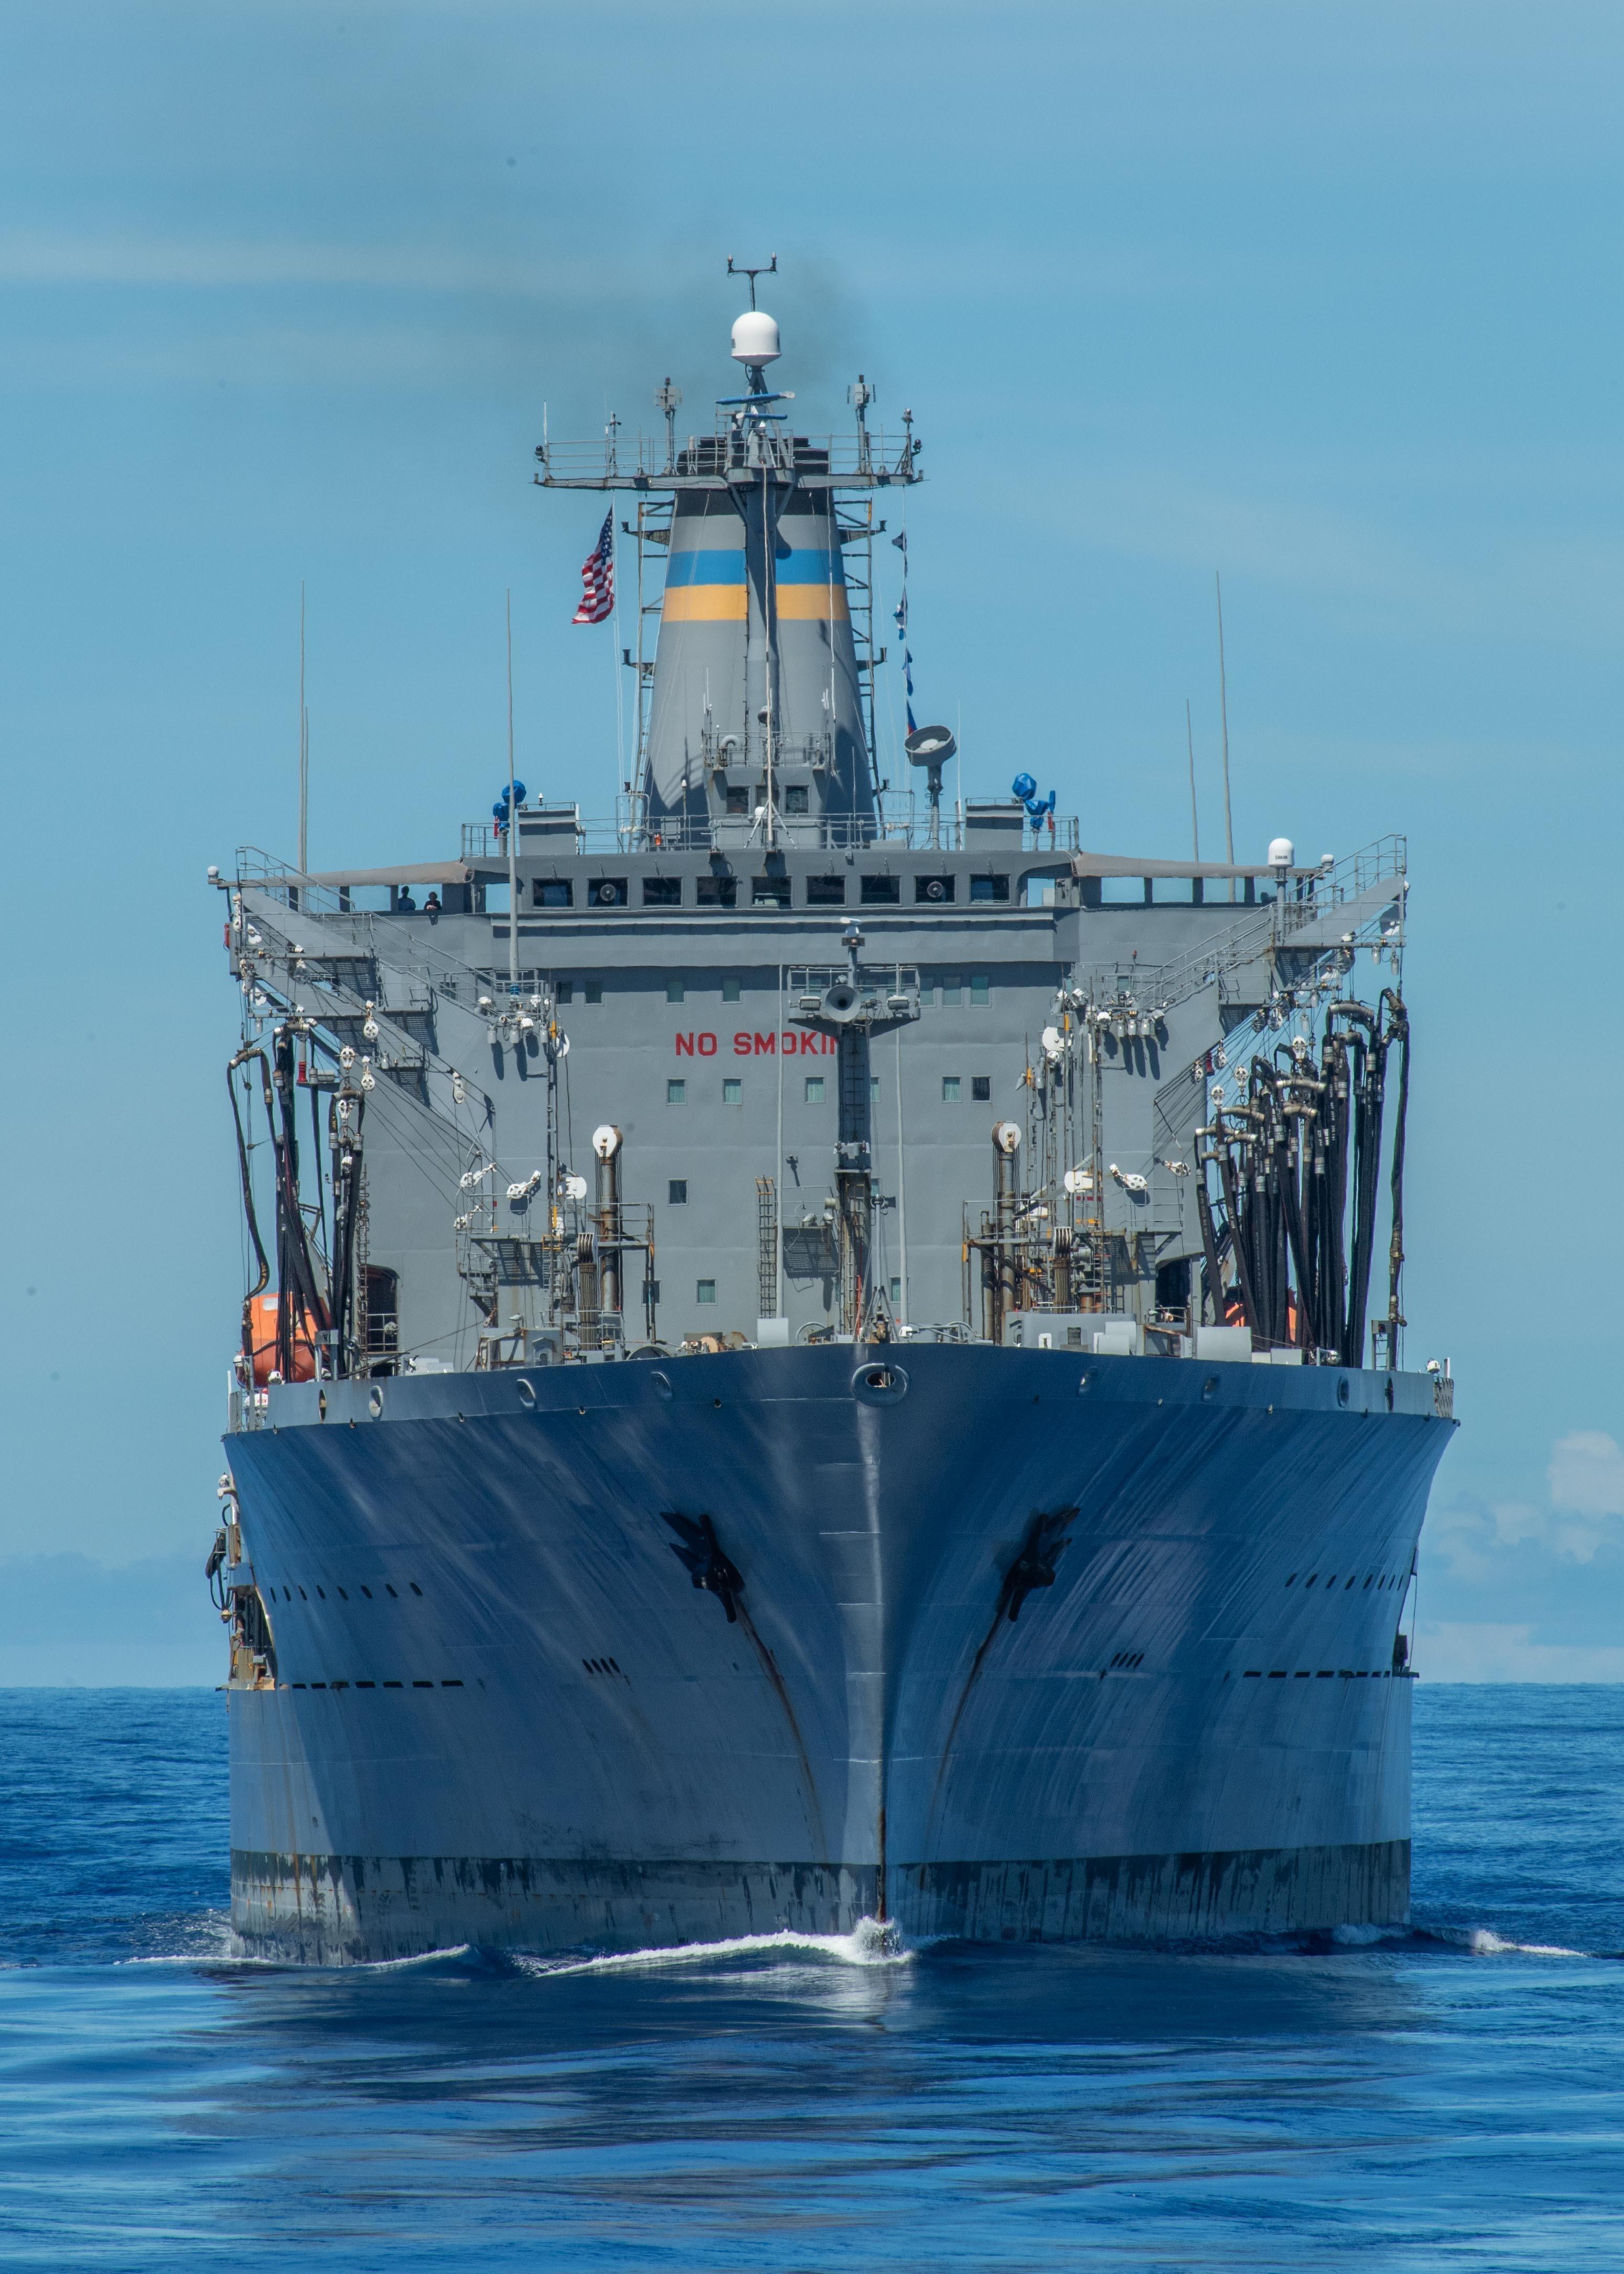 The Henry J. Kaiser-class fleet replenishment oiler USNS John Ericsson (T-AO 194) steams in formation during Valiant Shield 2020.